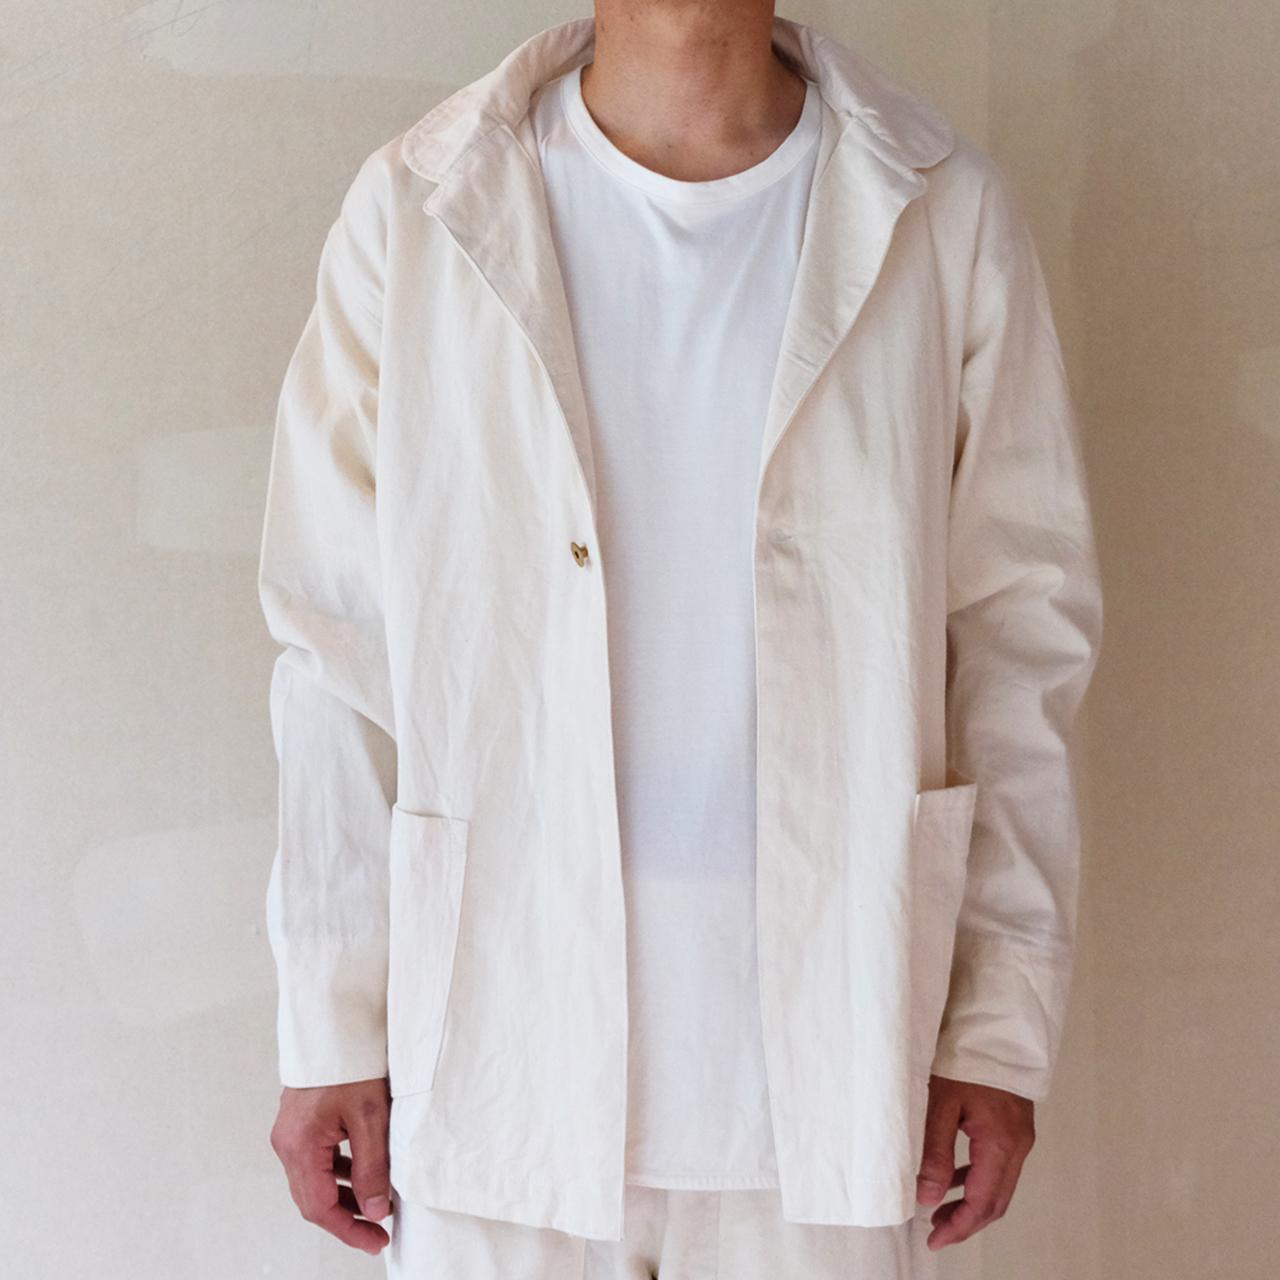 doors yamazoe uniform jacket